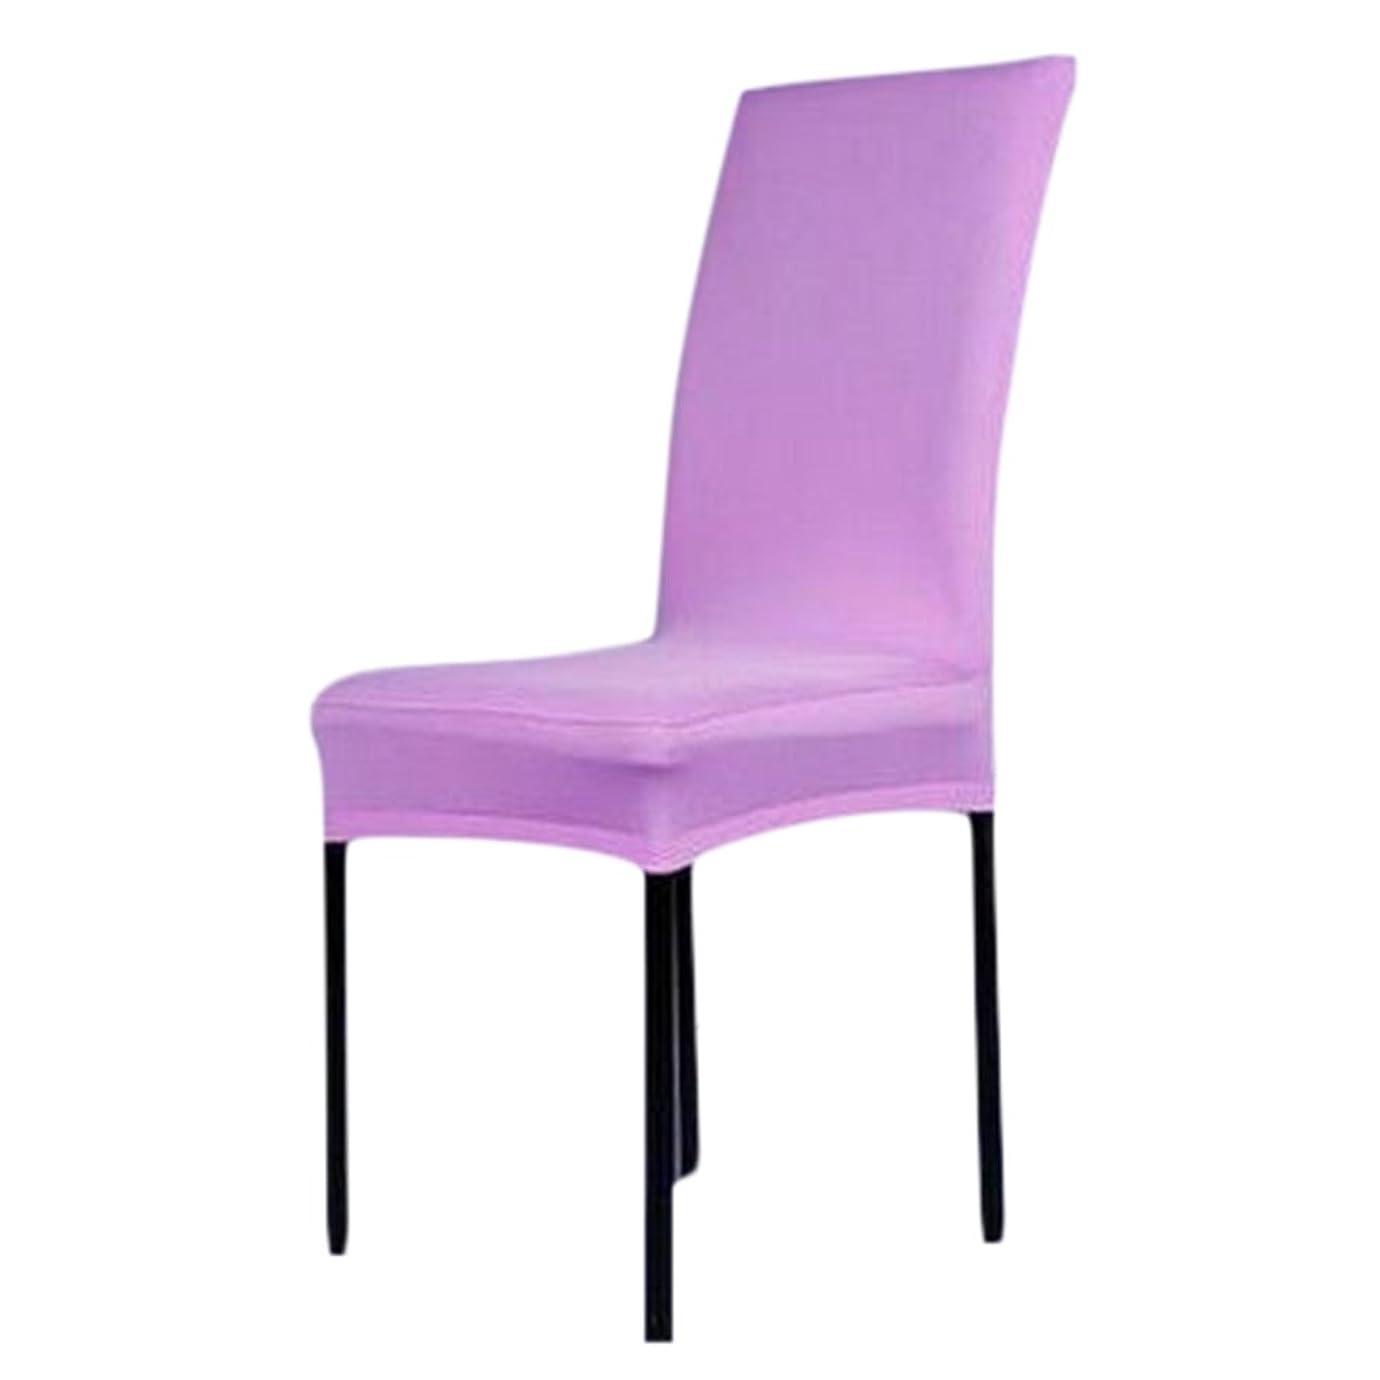 アンペア橋脚天国チェアカバー 椅子カバー 椅子フルカバー 伸縮素材椅子カバー 椅子フルカバー 座面+背部用 ダイニングチェア ウェディング/結婚式/パーティー用品 取り外し可能